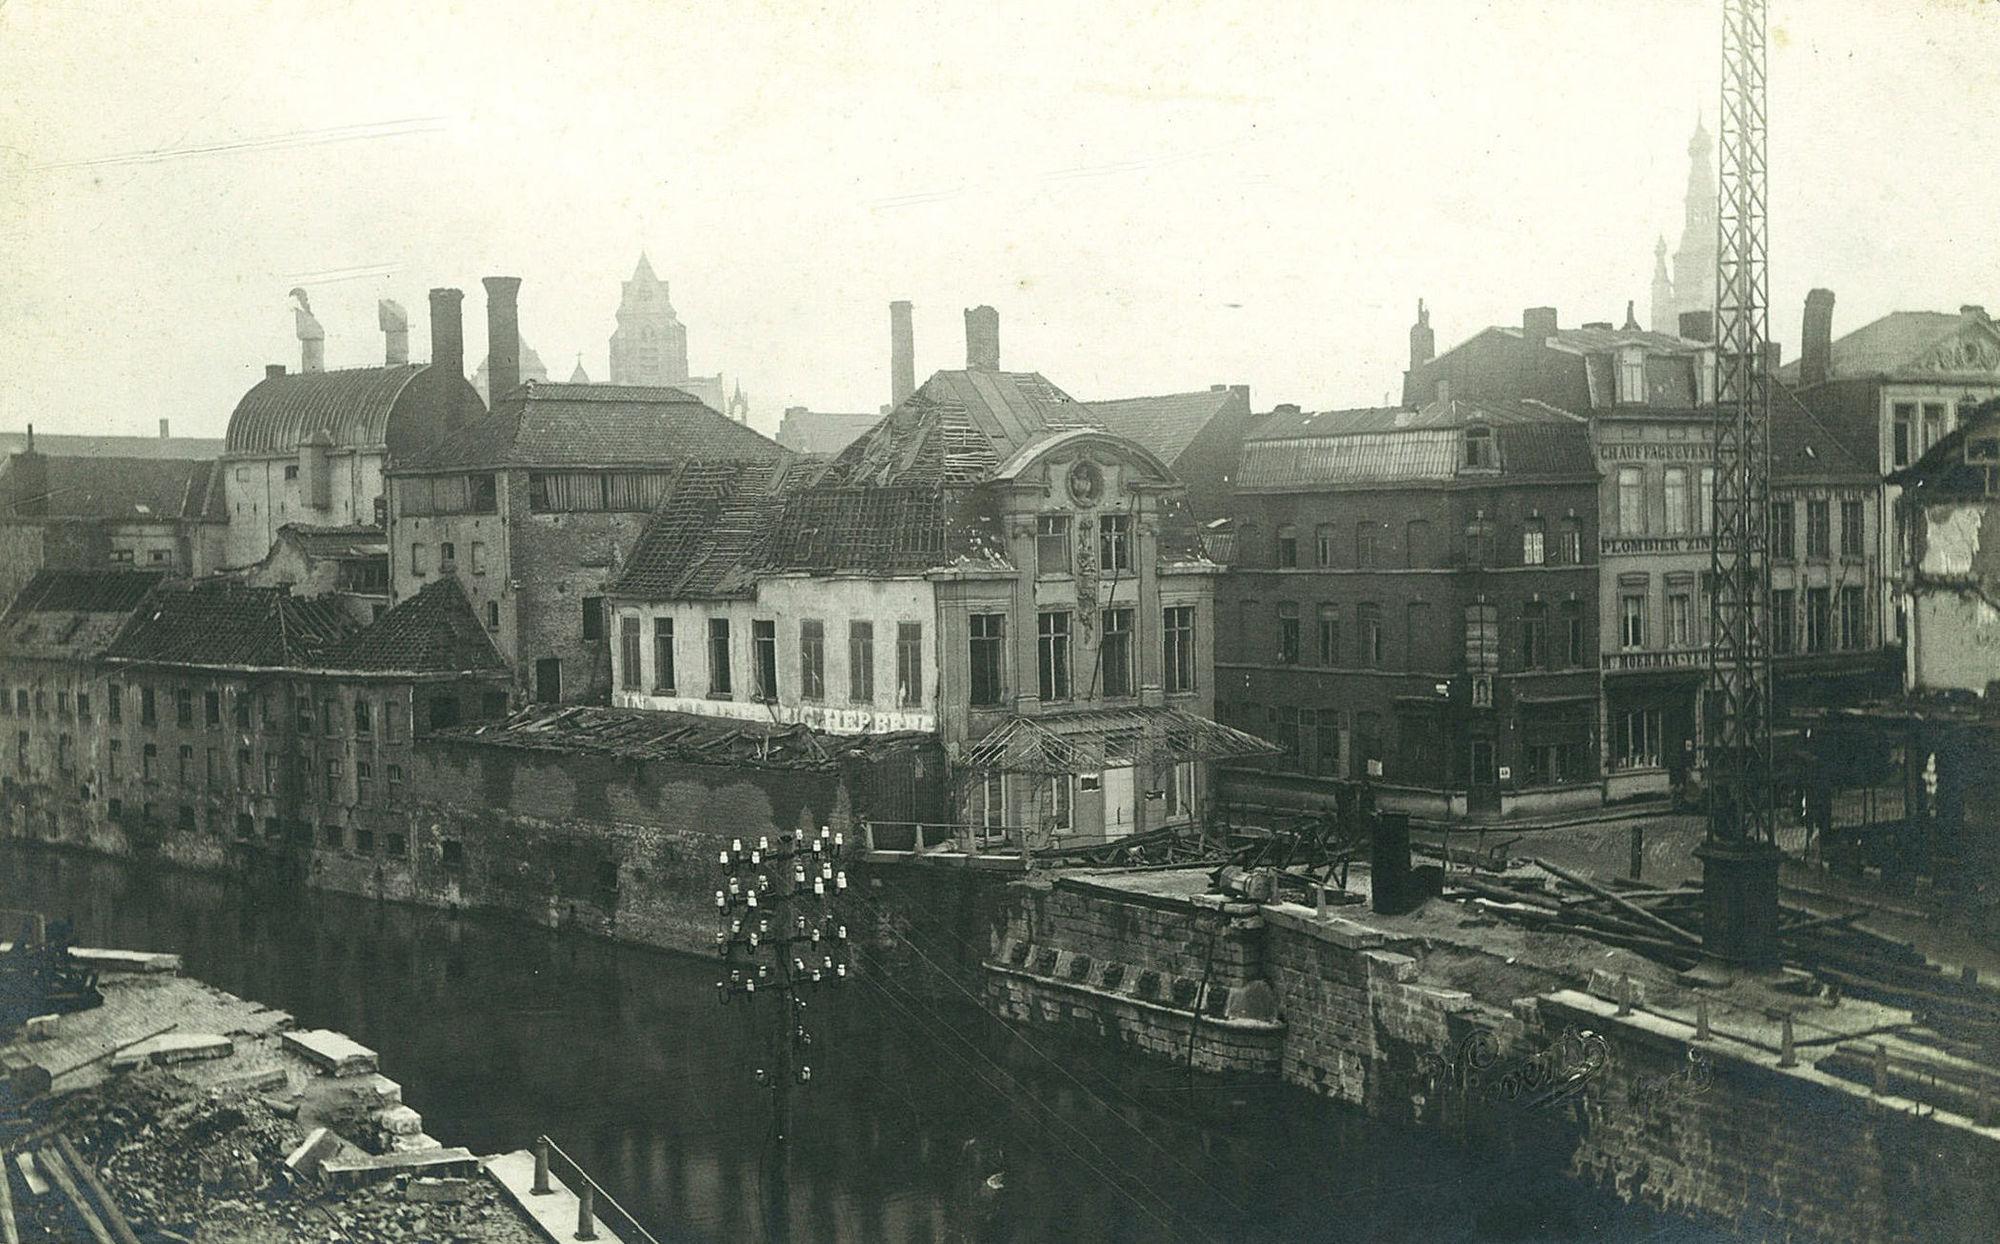 Vernieling Leiebrug in 1918